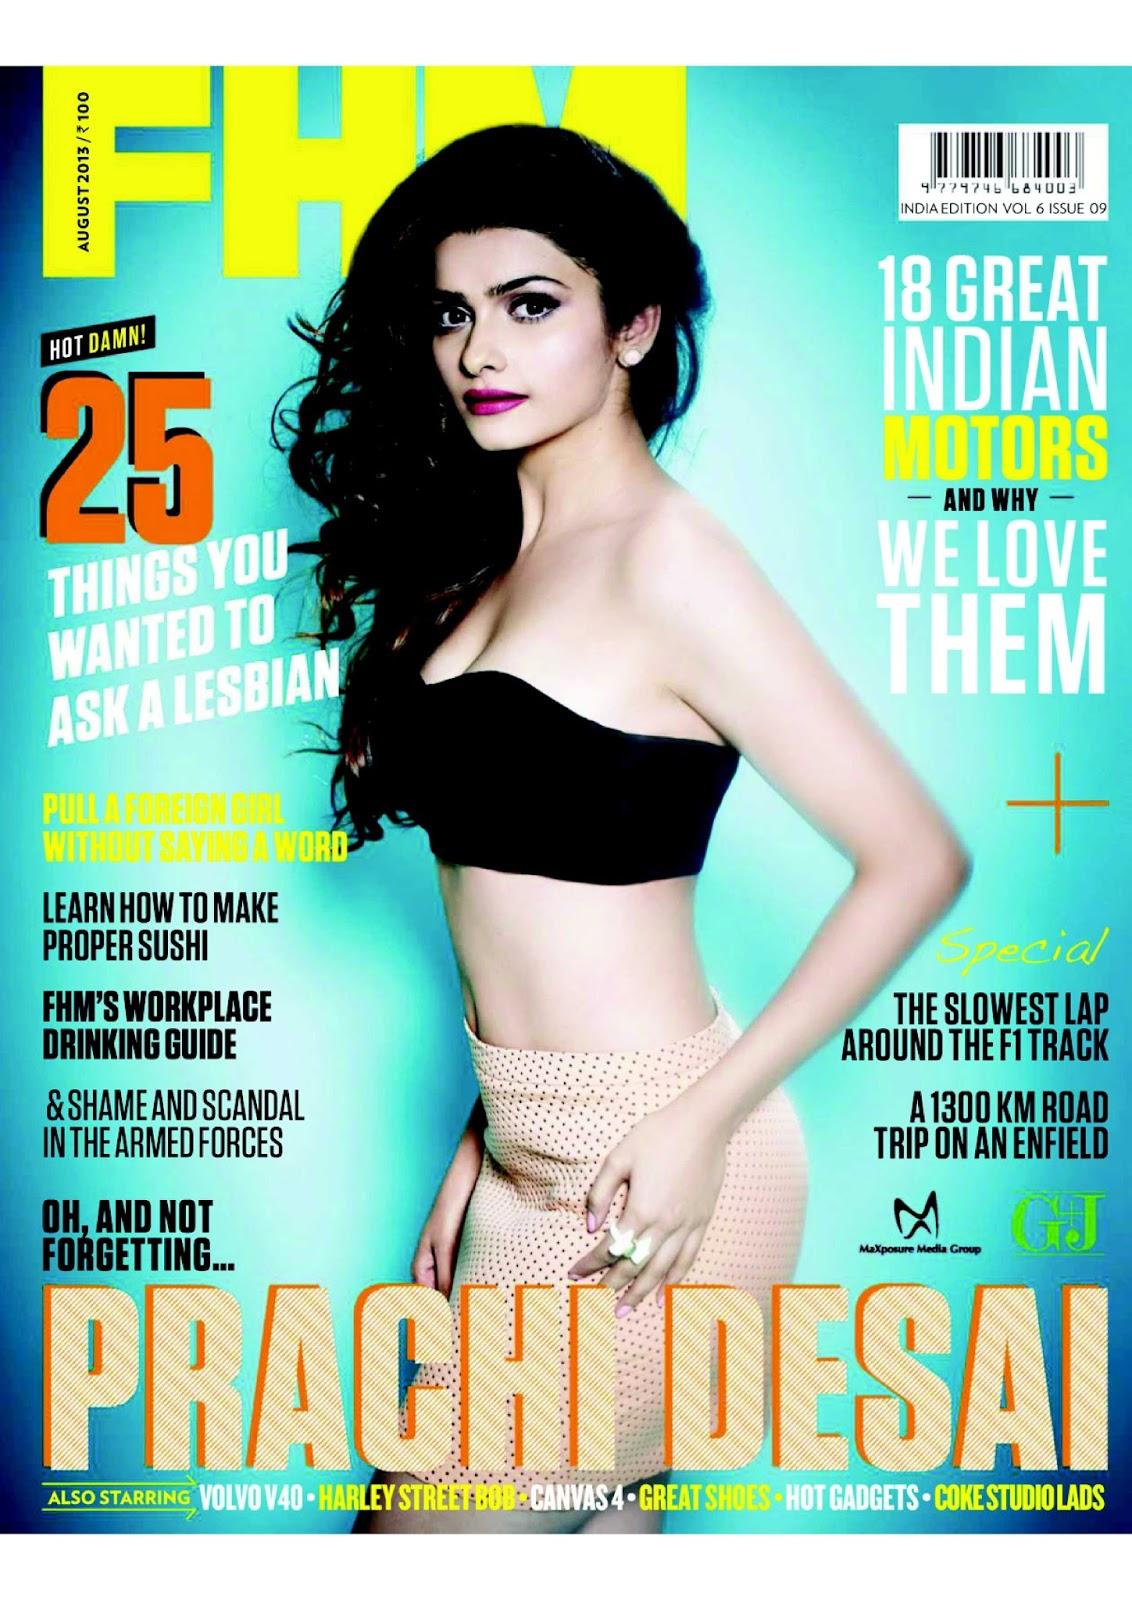 FHM Magazine India August 2013